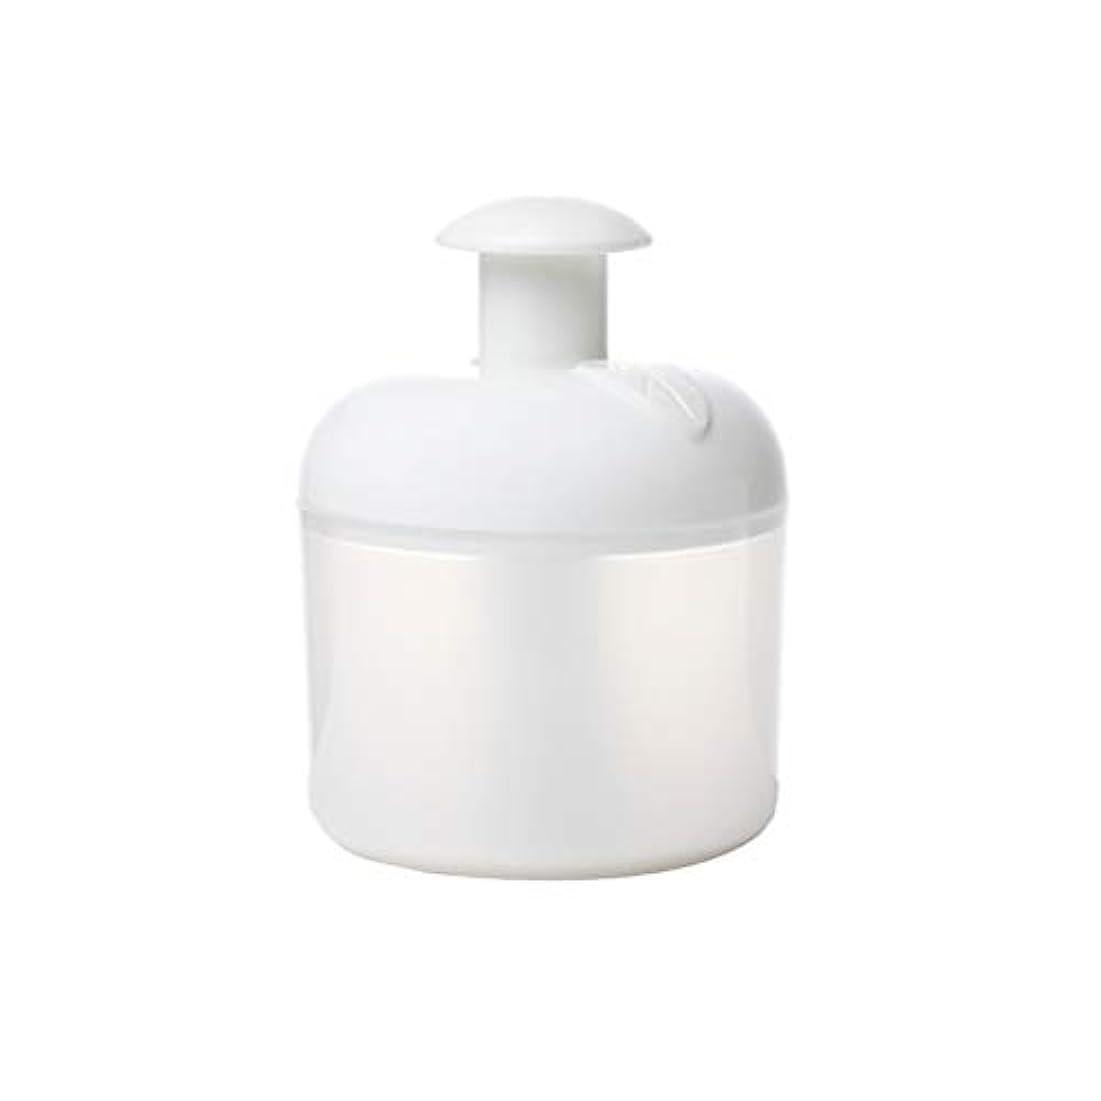 ミトンマリナー征服者Lurrose 洗顔泡立て器フェイスクレンザーバブルメーカー用フェイスウォッシュスキンケアトラベル家庭用(ホワイト)